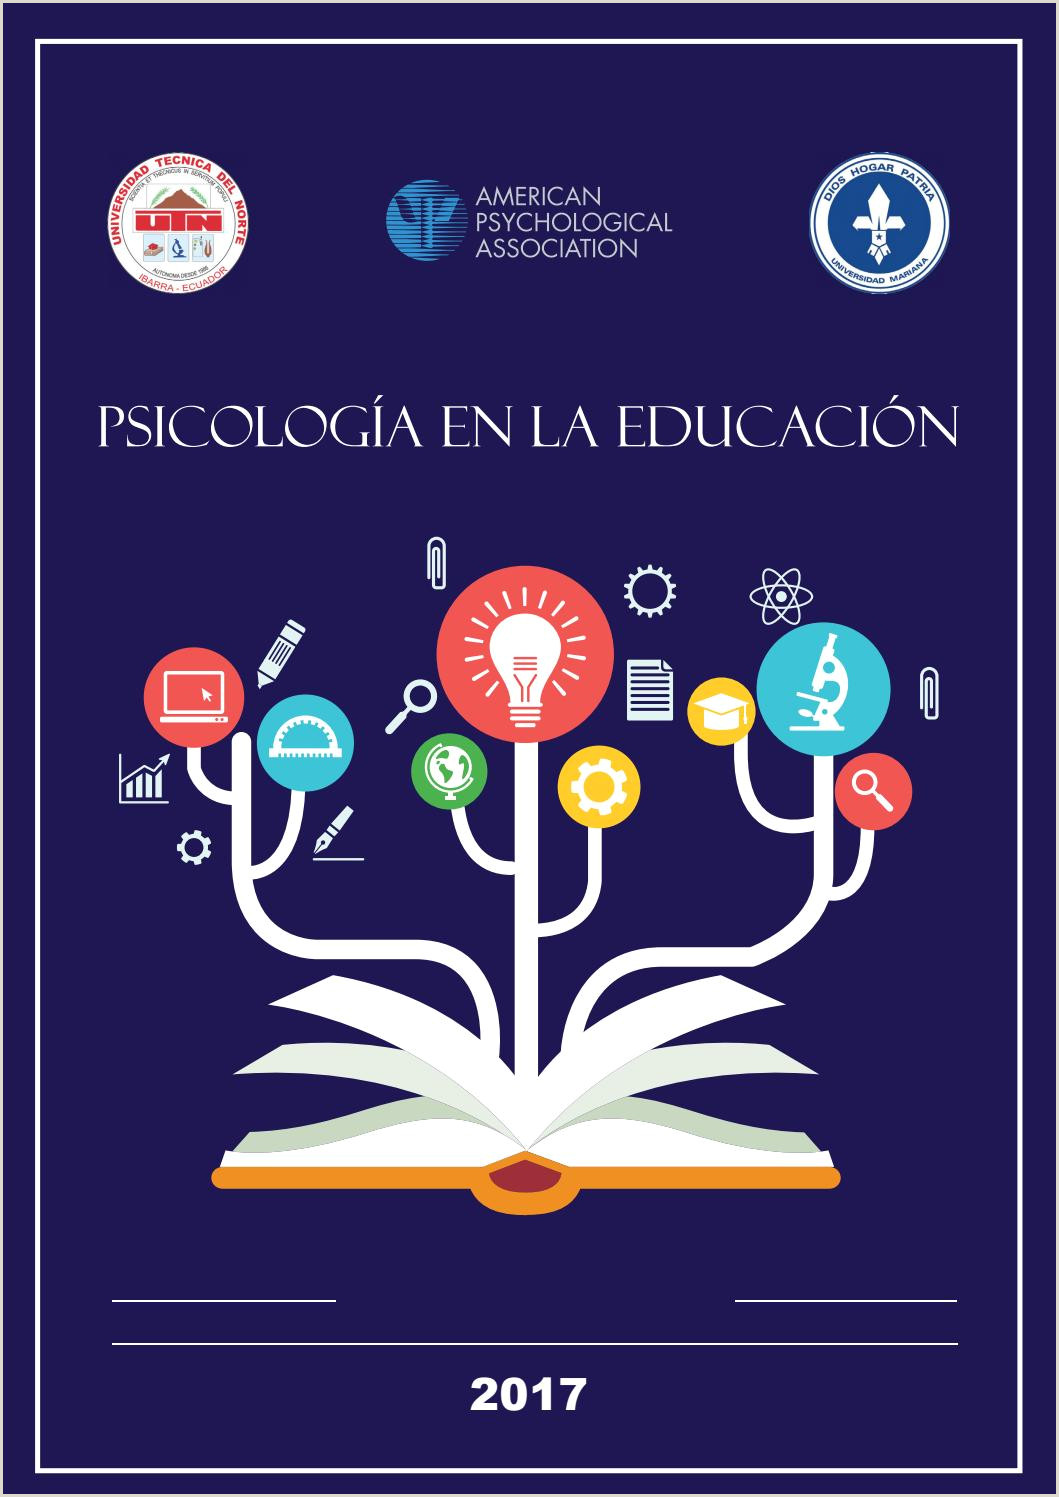 Hoja De Vida formato Unico En Wor Memorias Del Congreso De Psicologia En La Educaci³n 2017 by